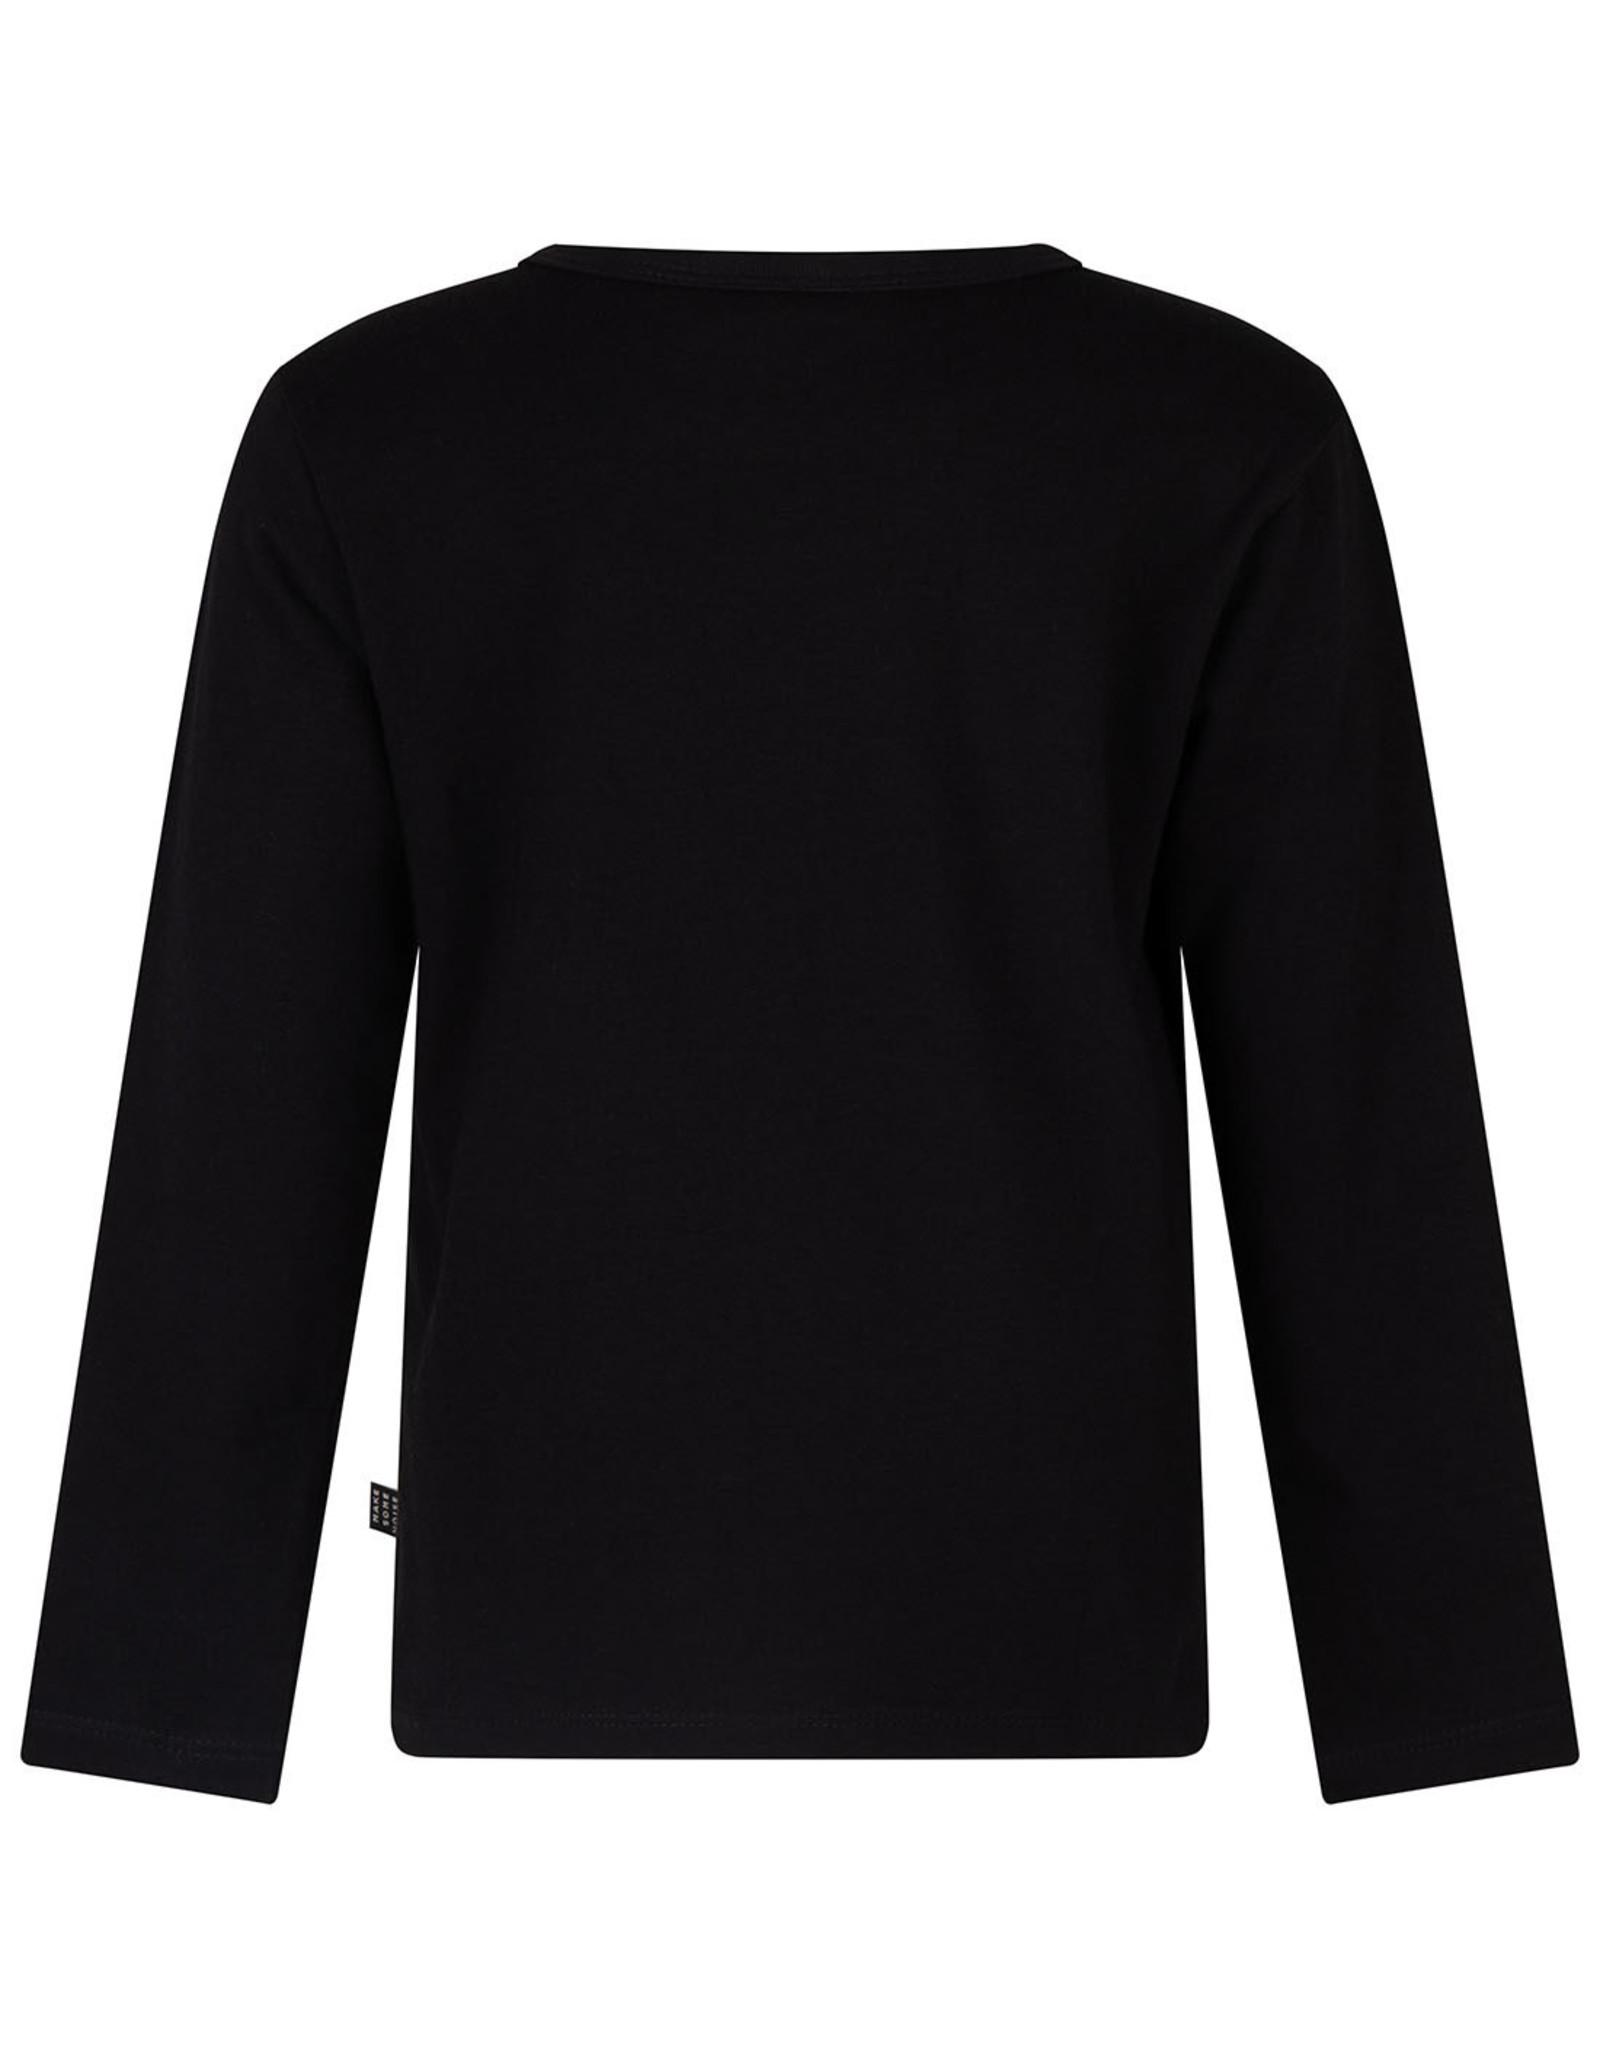 Daily7 Daily7 jongens shirt Black